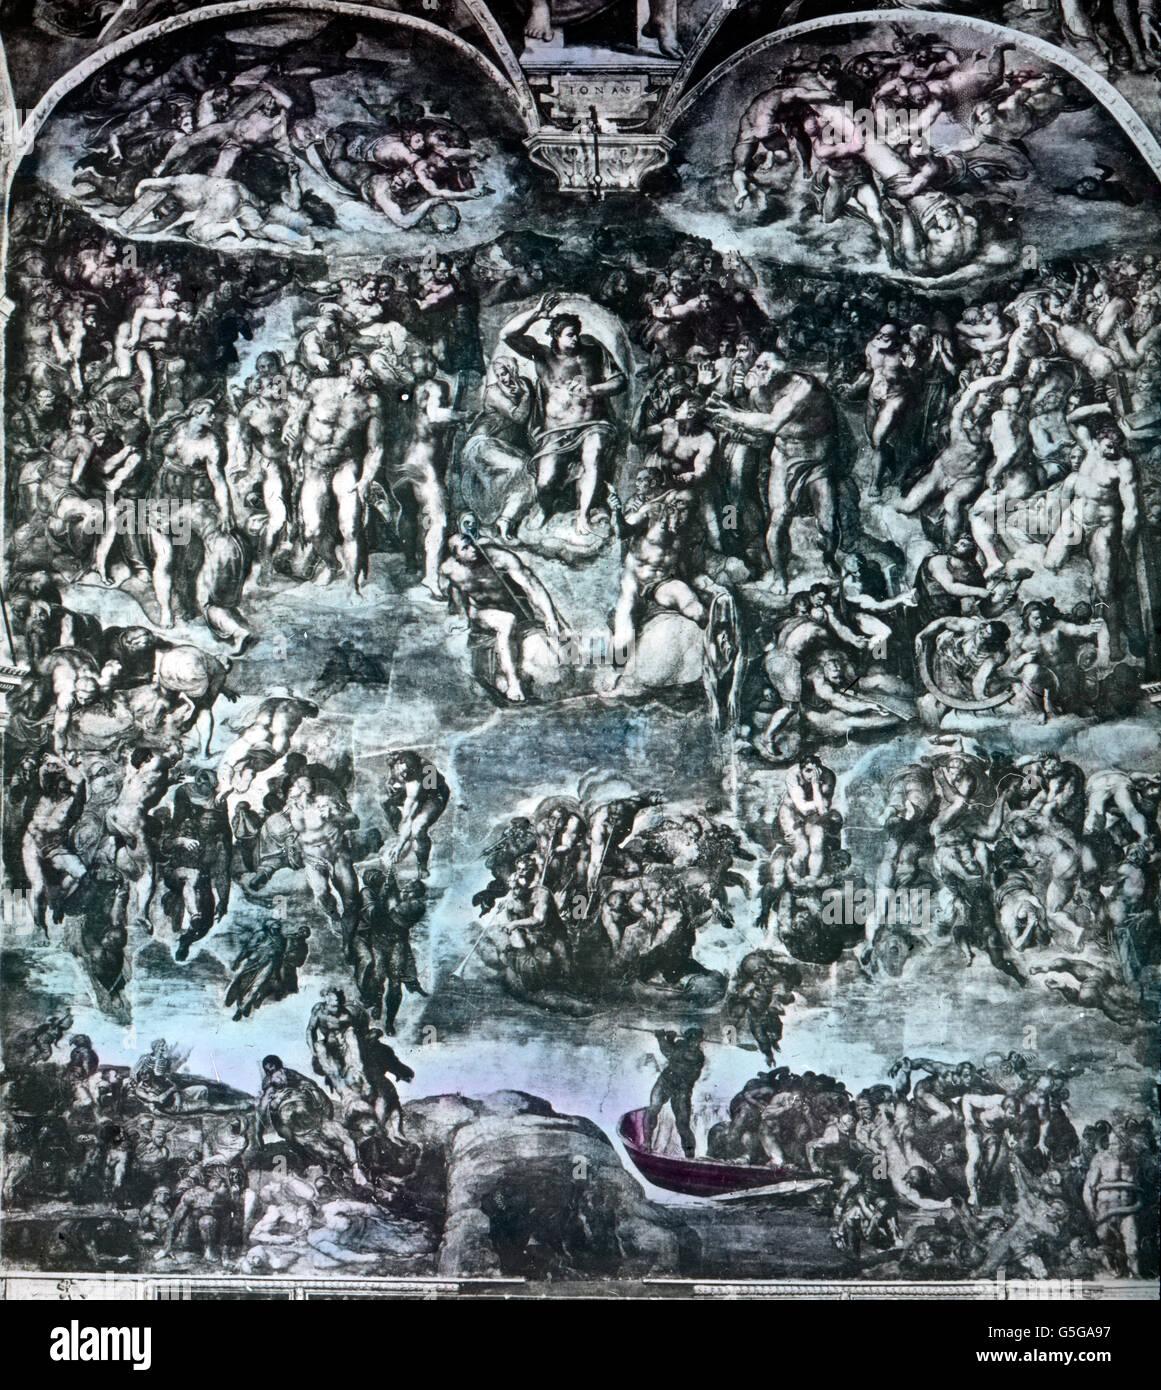 Das Jüngste Gericht Von Michelangelo Jüngstes Gericht Gemälde Von